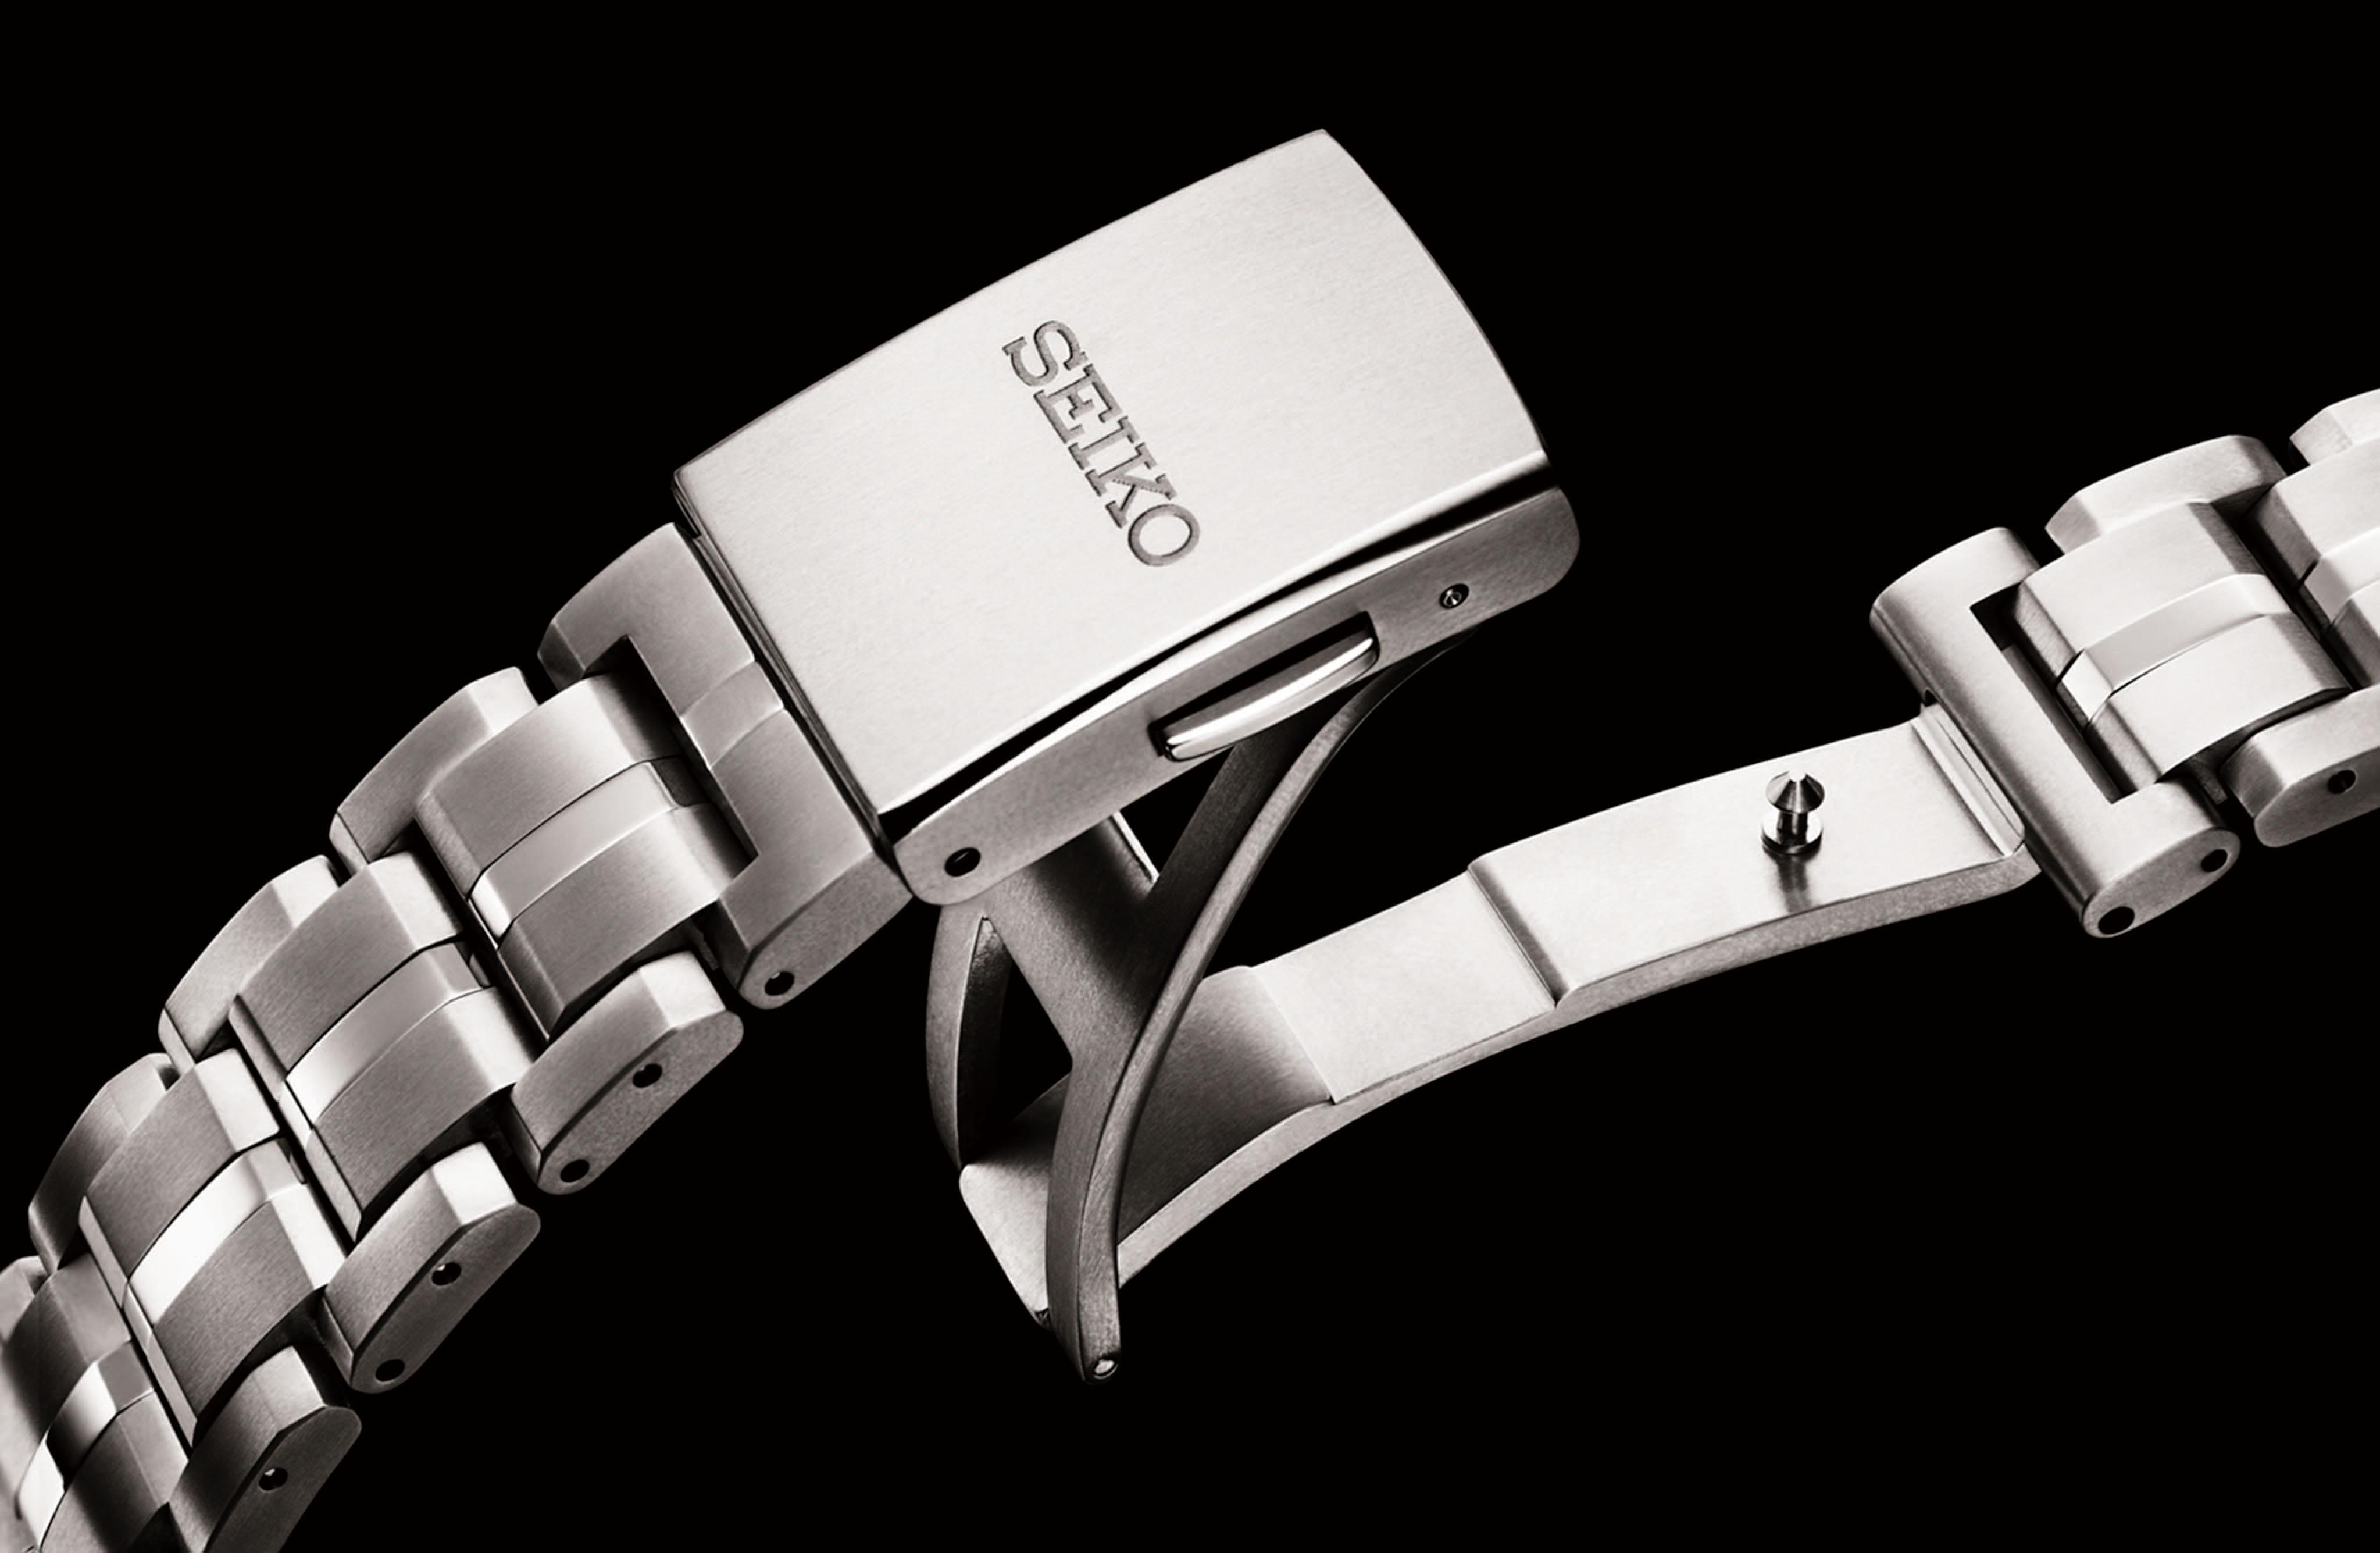 De band van de Astron GPS Solar 5X heeft een nieuwe vouwsluiting gekregen